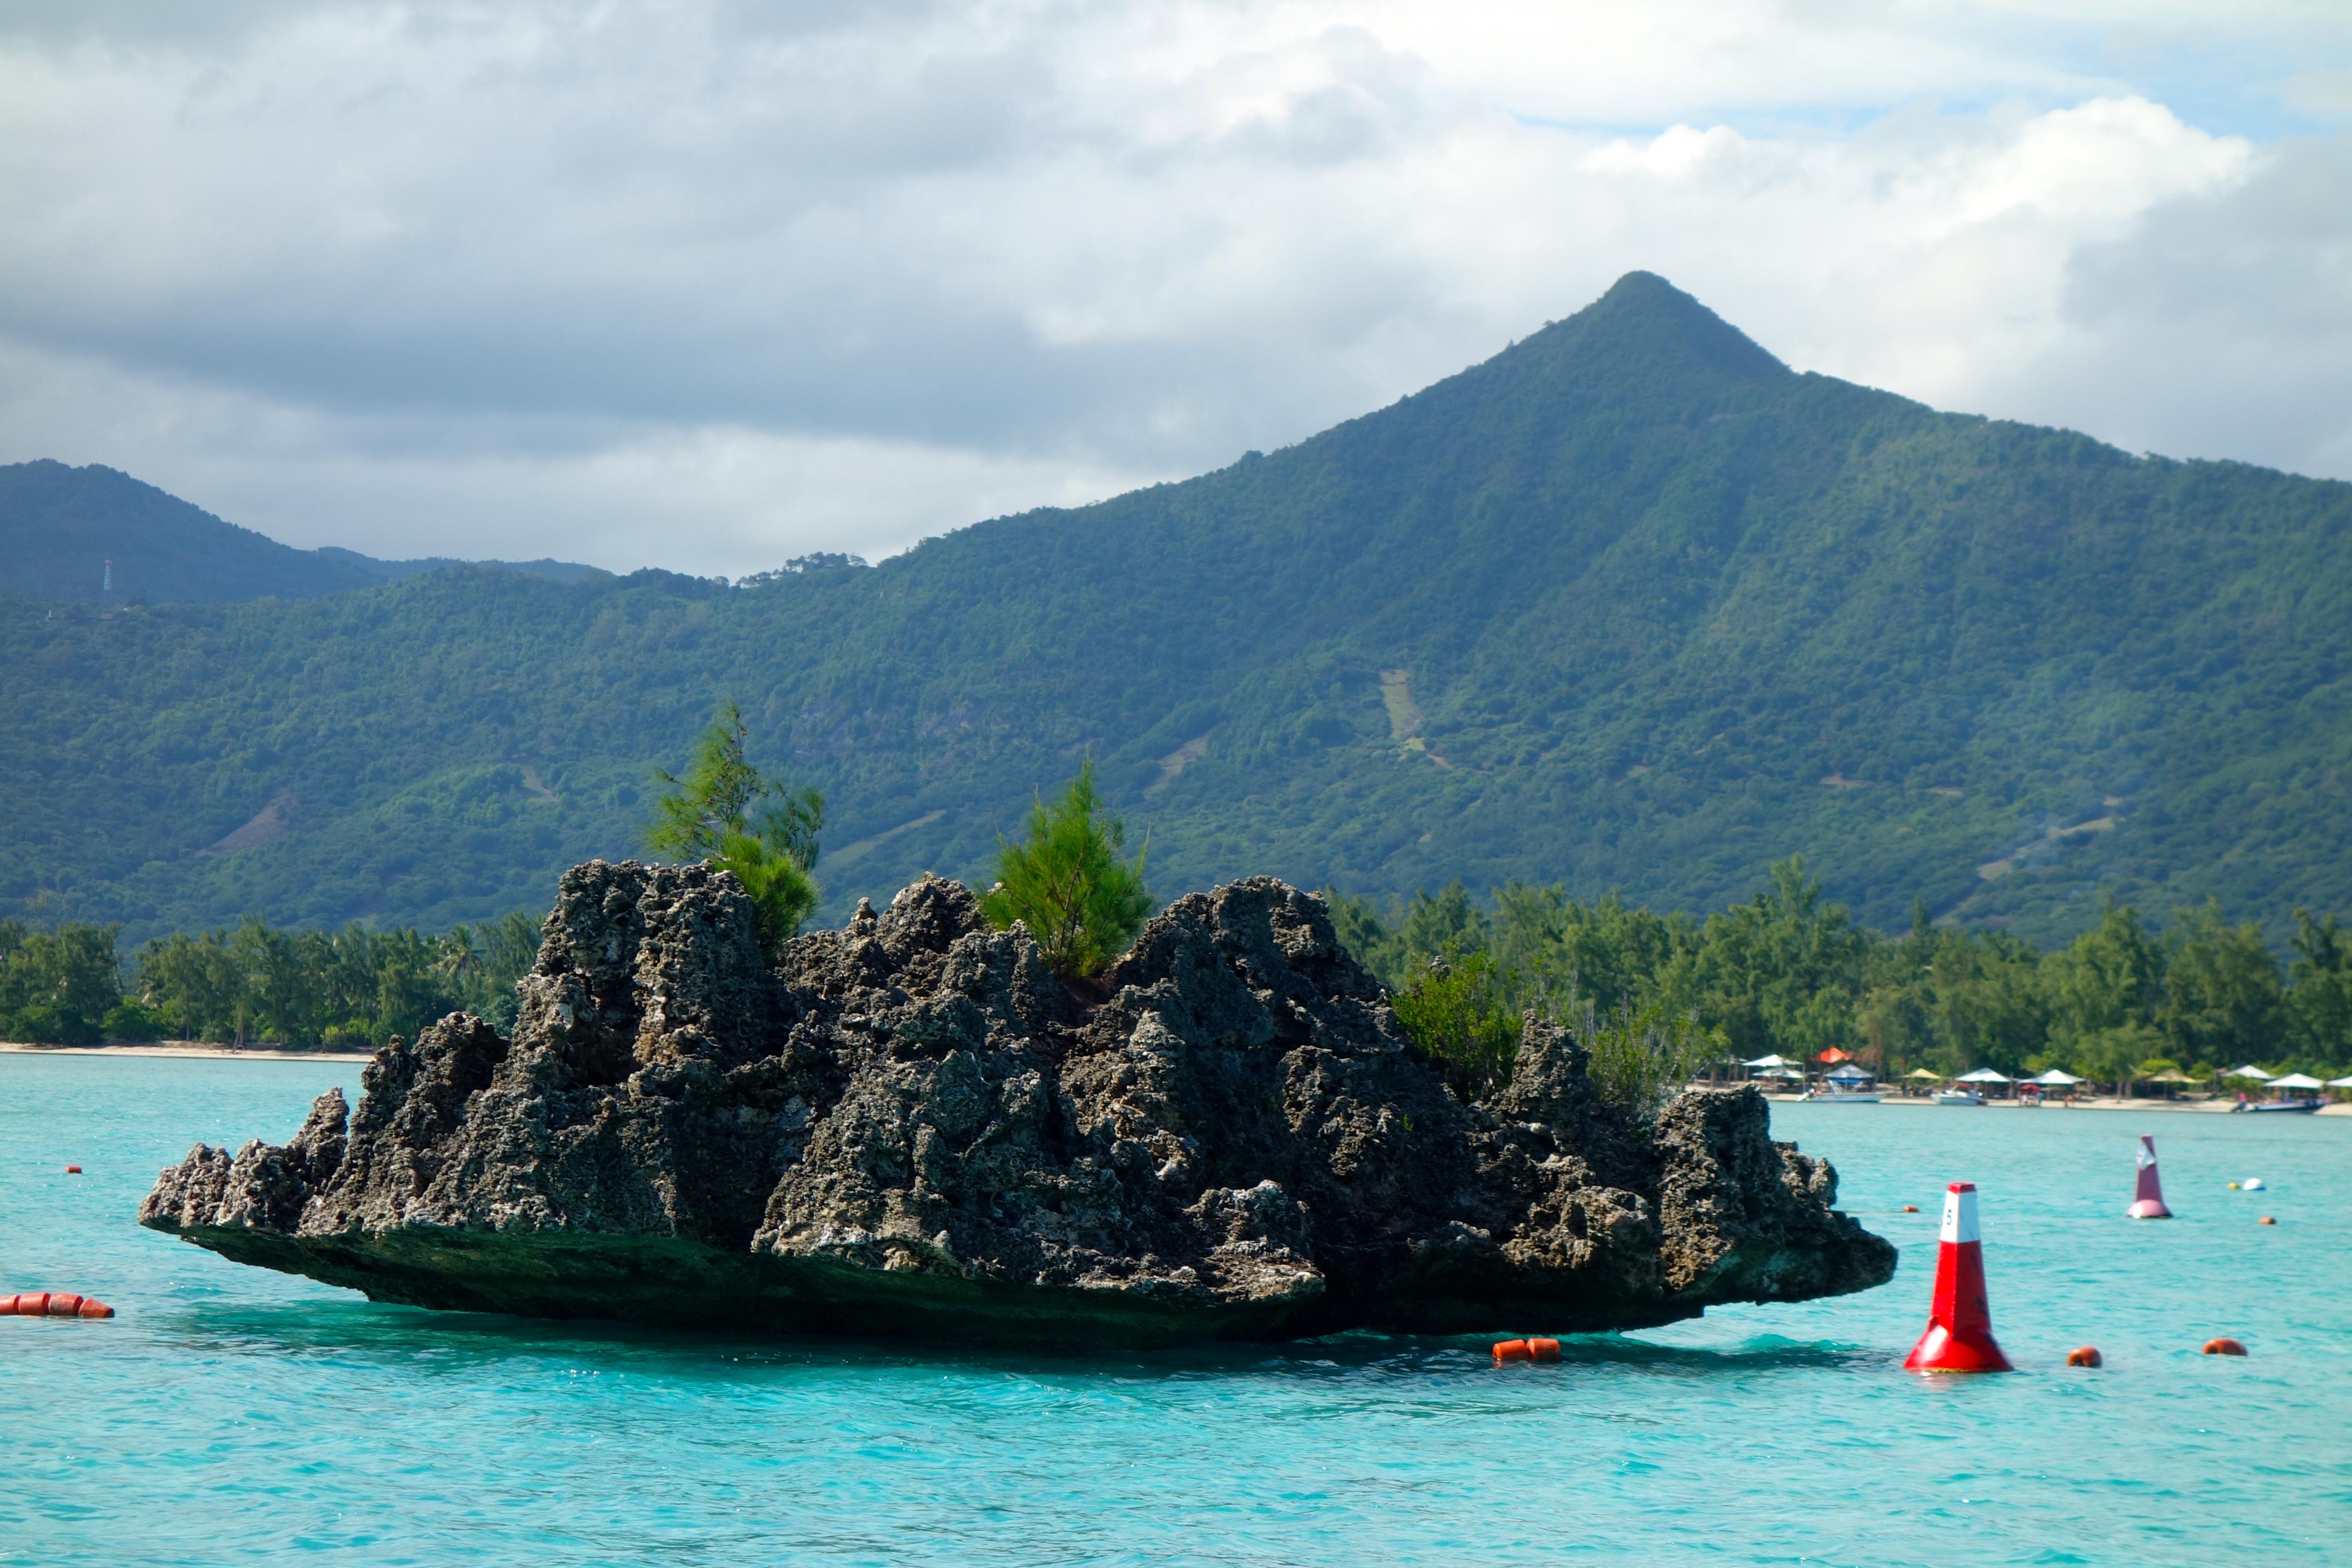 Crystal Rock heutzutage: die Barrieretonnen sollen dieses Korallenriff schützen, aber es sieht nicht mehr schön aus